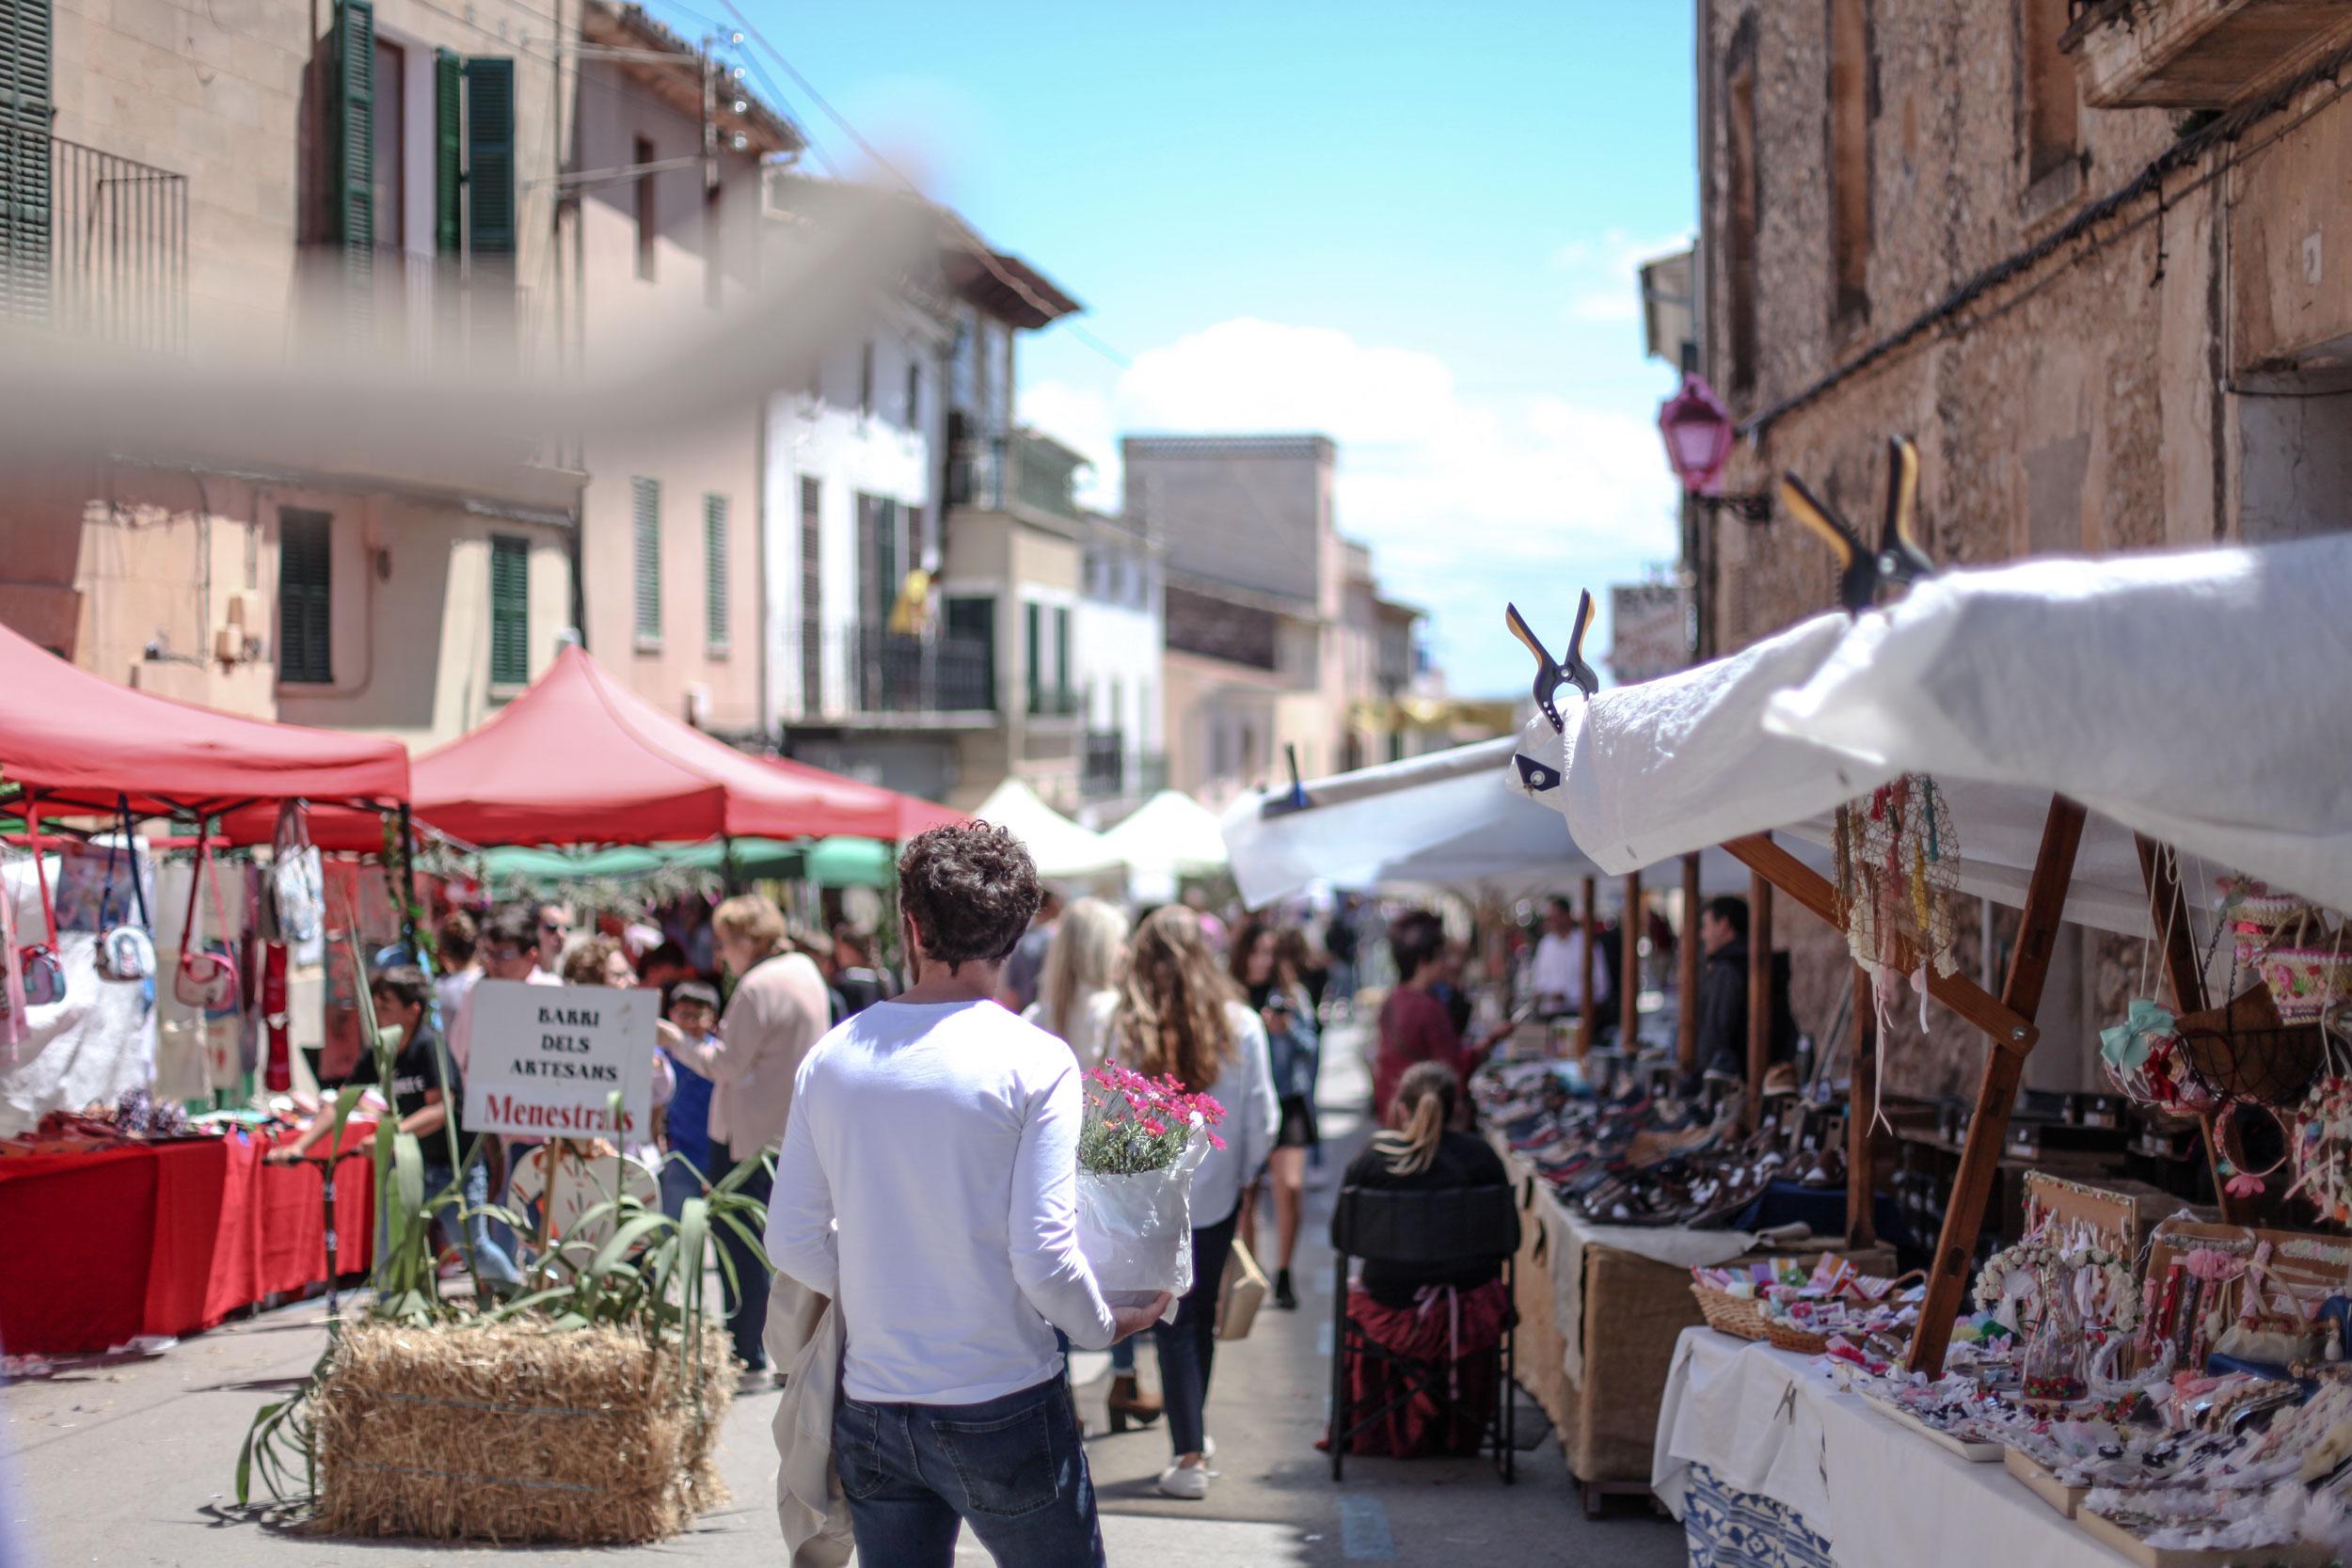 MÄRKTE - Es gibt mehr Märkte als man zählen kann auf Mallorca. Und fast alle lohnen sich. Nicht nur für die frischen Lebensmittel und traditionellen Waren, sondern für eine Prise mallorqonischen Lebensstil und ein wenig Zerstreuung.